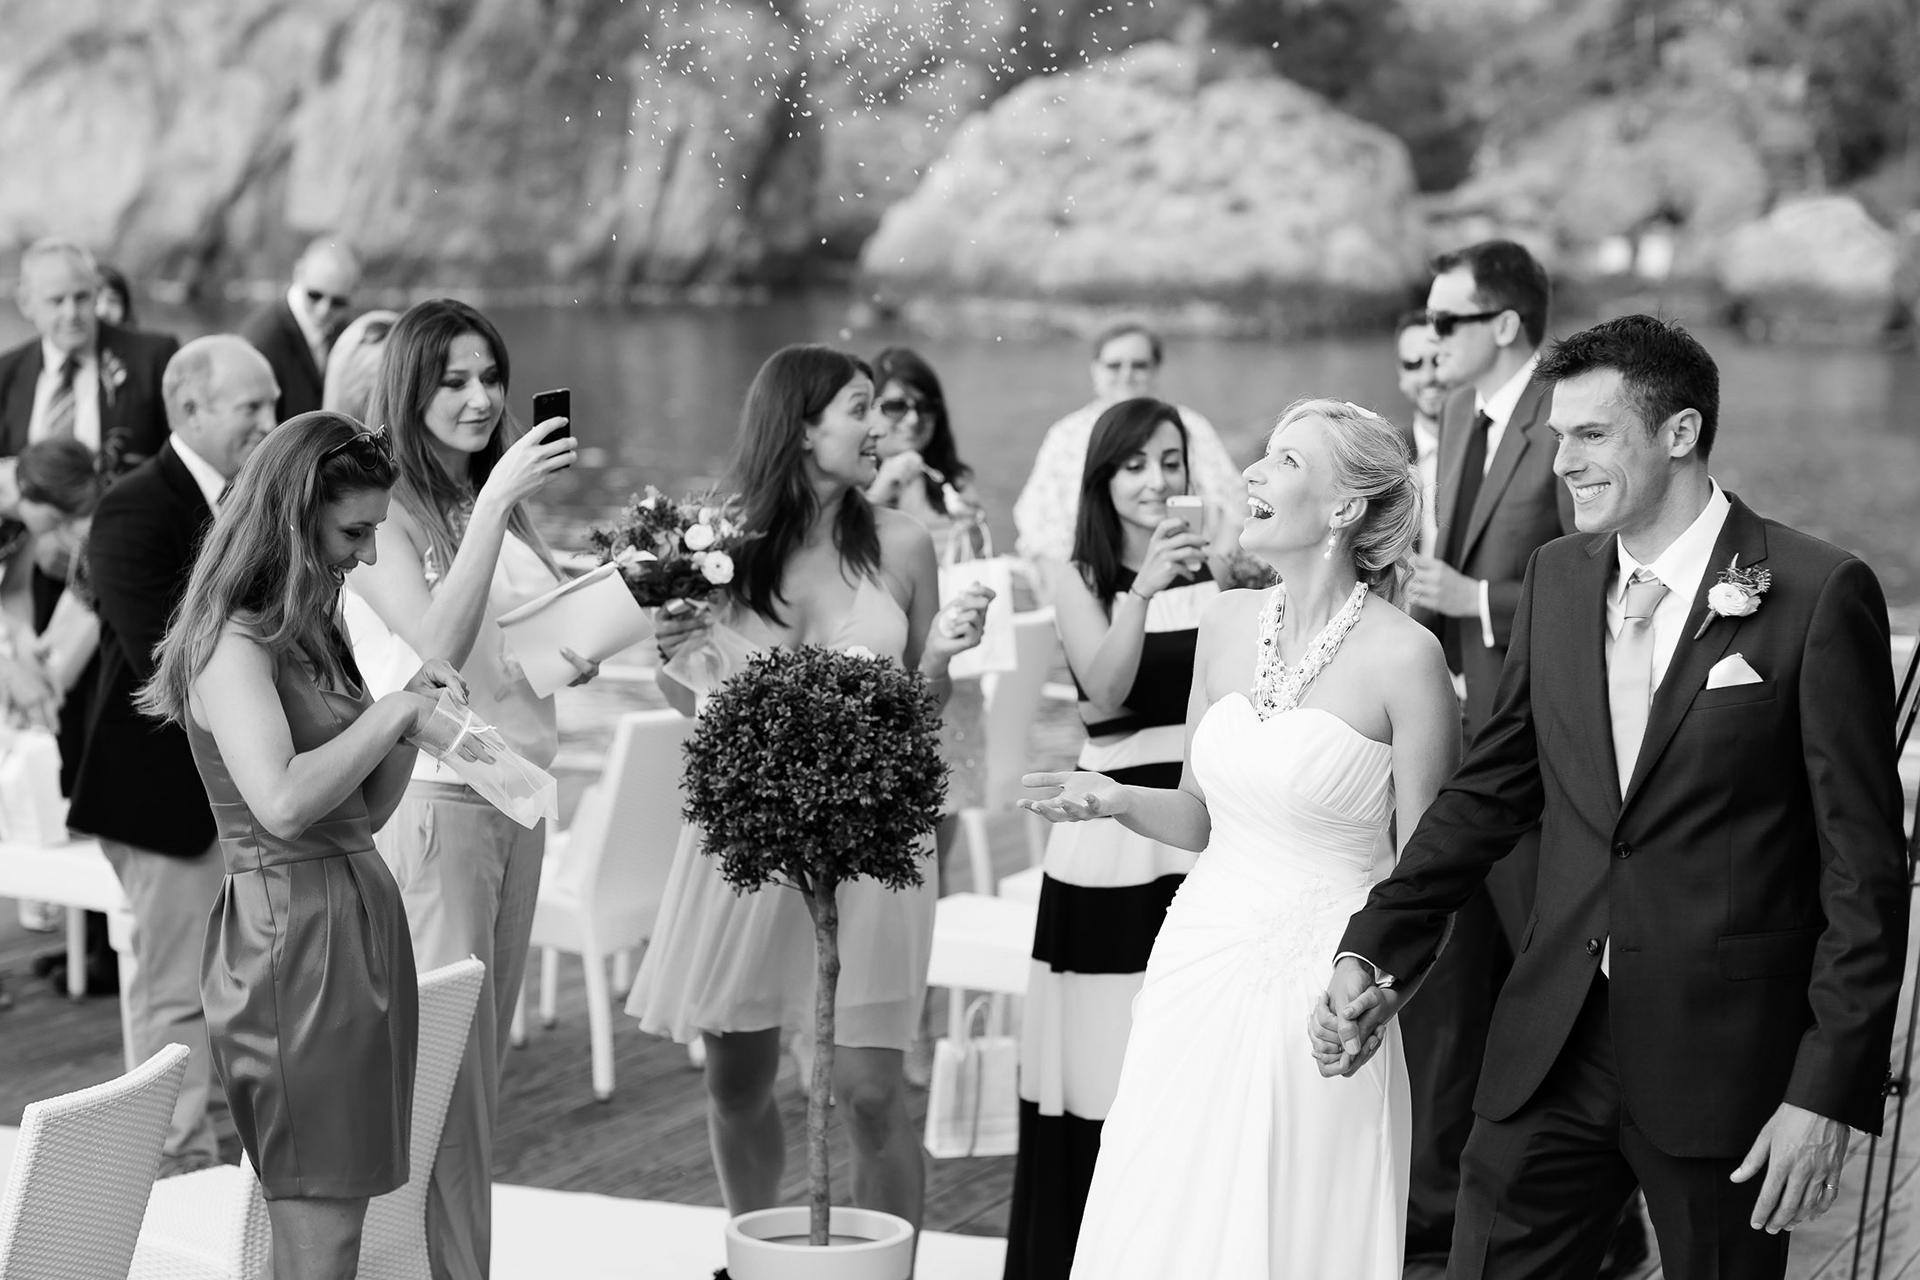 Sicilia, Italia Beach Wedding Pictures | Un momento gioioso degli sposi con i loro amici